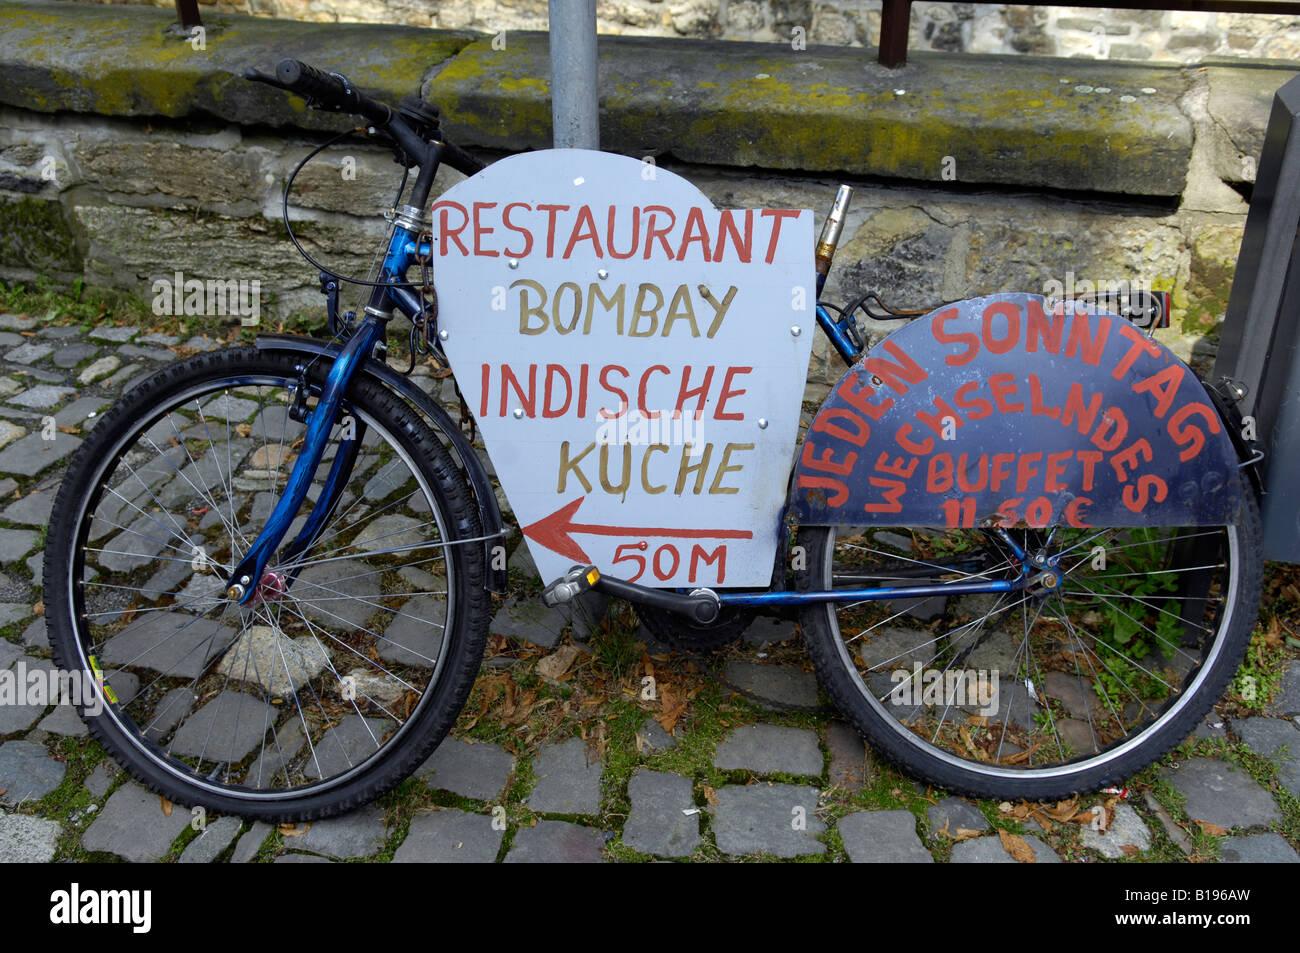 Bike Fahrrad Restaurant Bombay-Indische erfrischende Deutschland ...